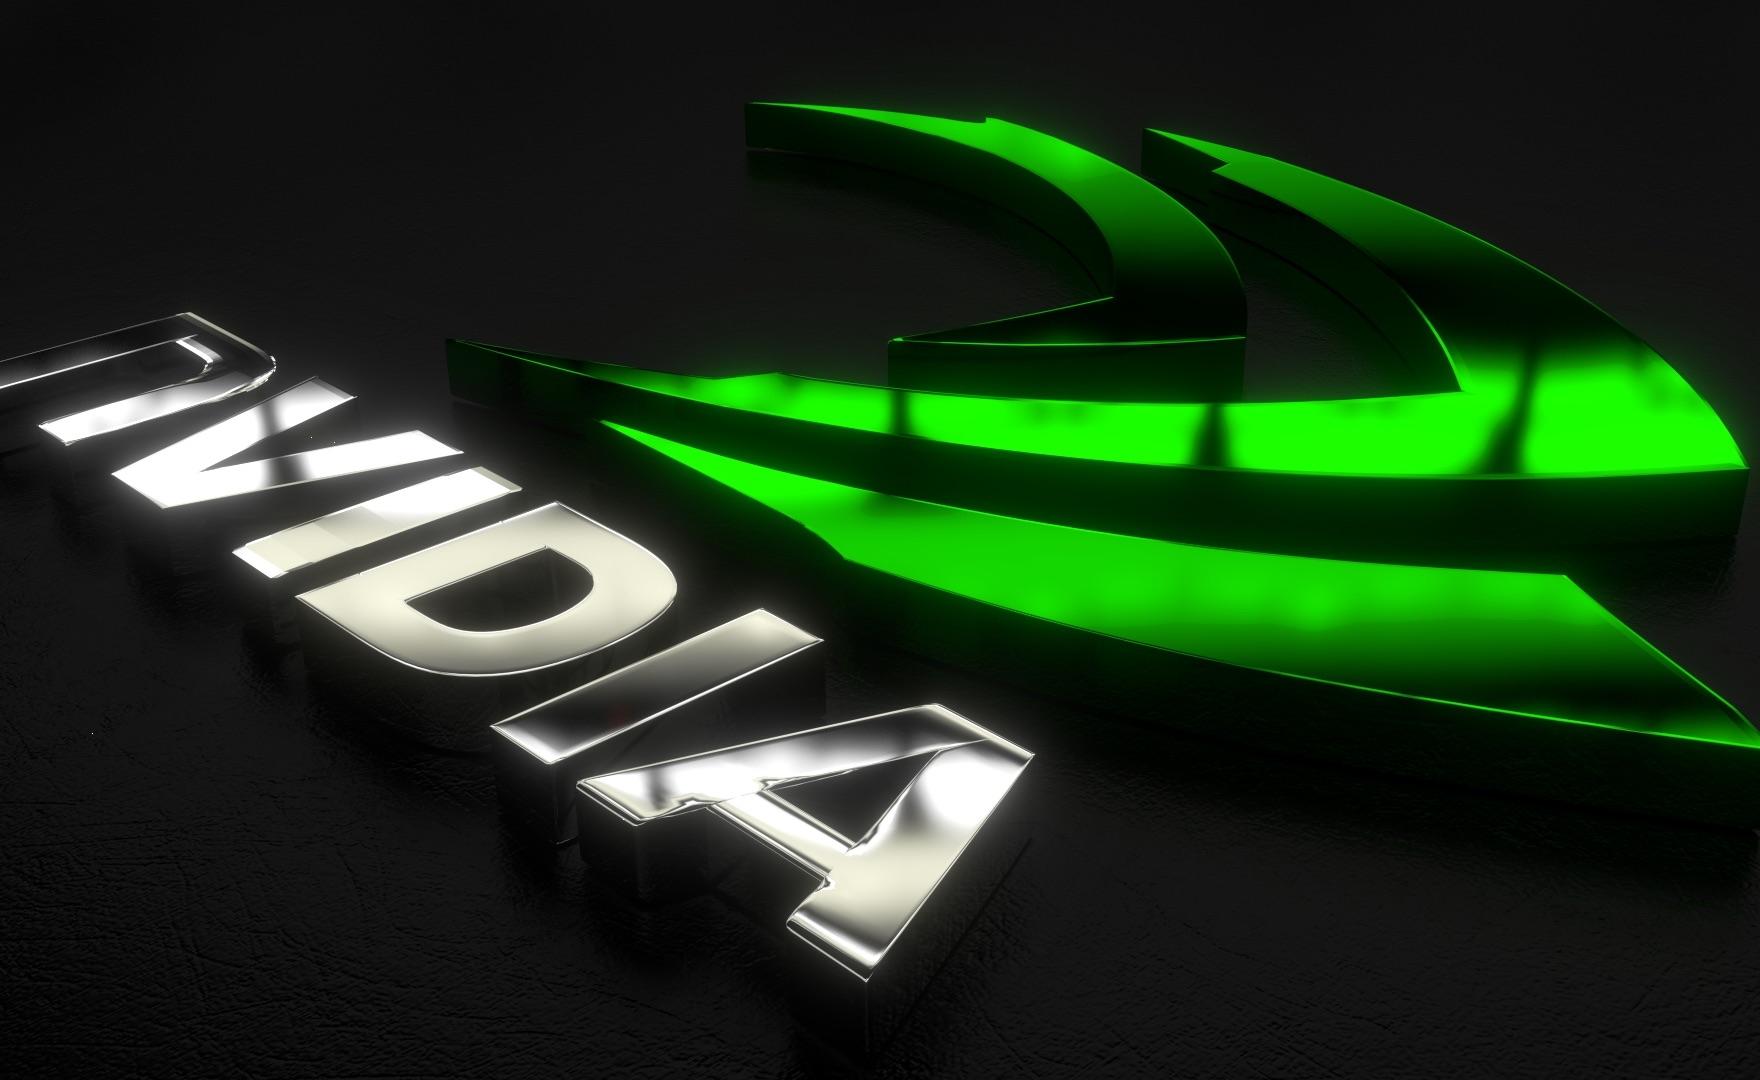 Nuovi driver Nvidia: ancora migliorie per i giochi Vulkan